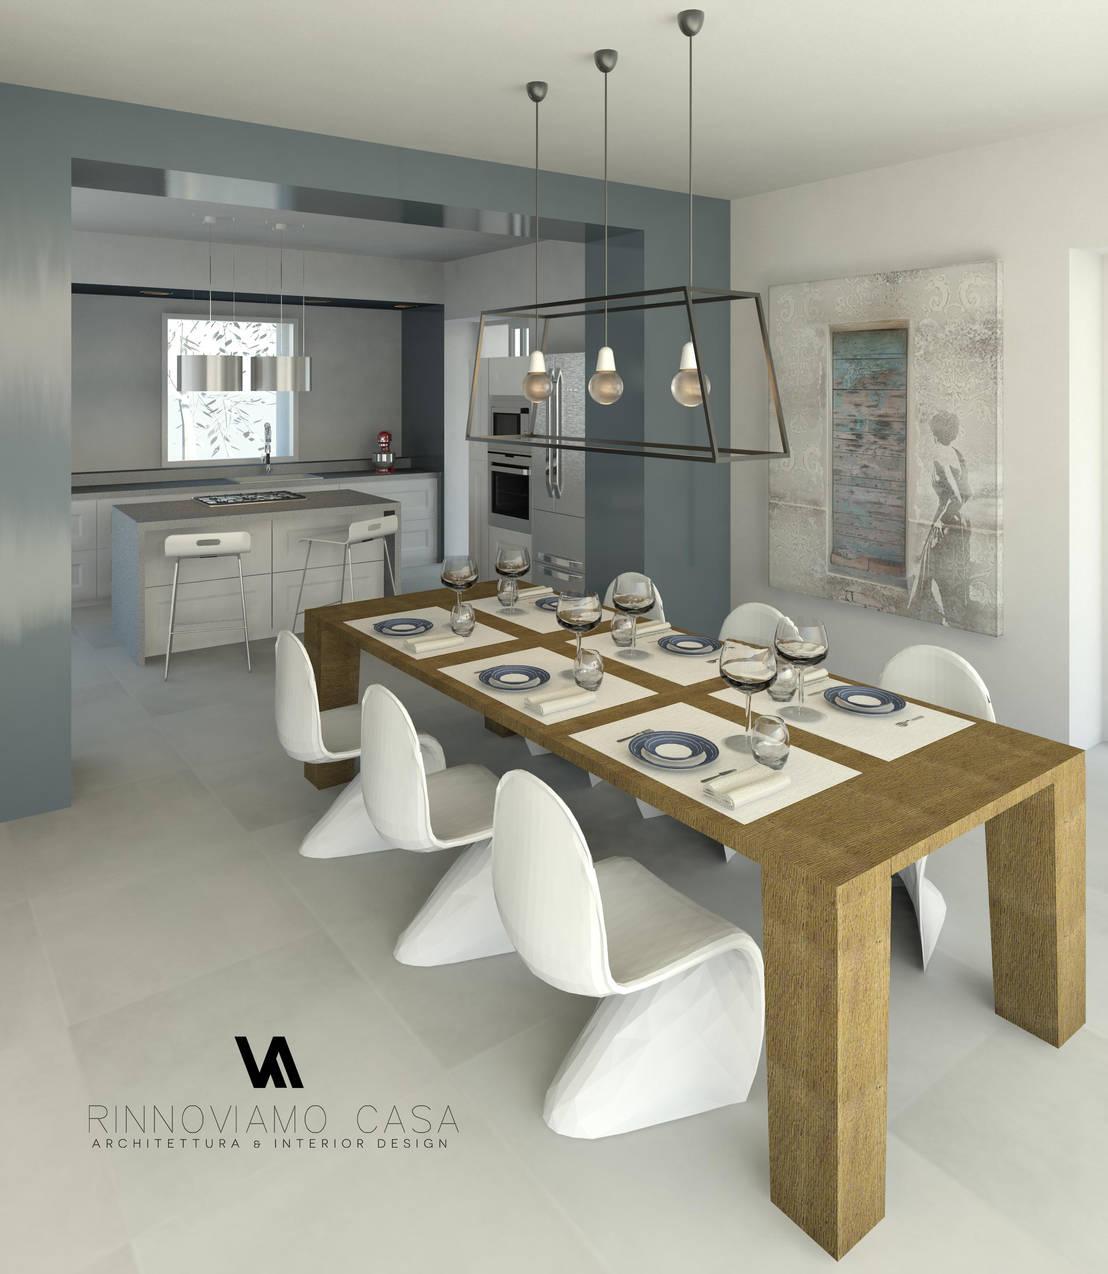 Progetto appartamento su due piani a napoli di rinnoviamo for Piani domestici di vecchio stile